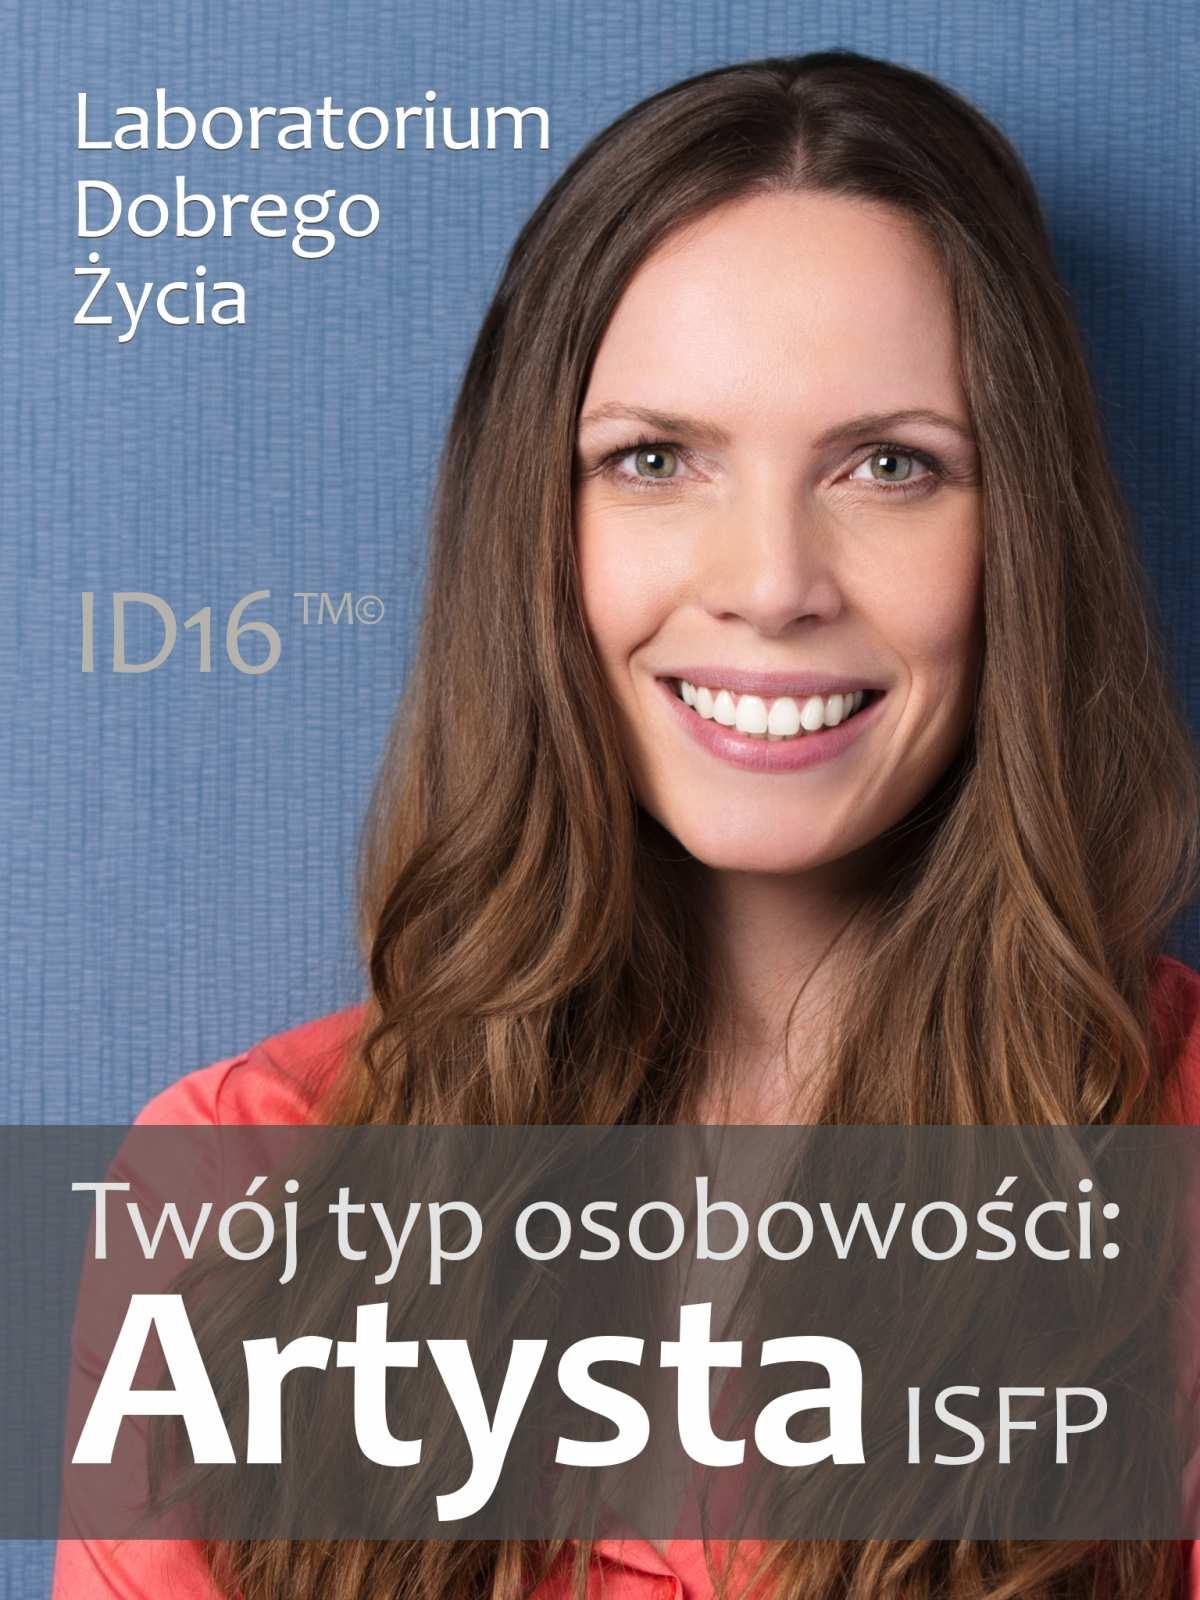 Twój typ osobowości: Artysta (ISFP) - Ebook (Książka PDF) do pobrania w formacie PDF